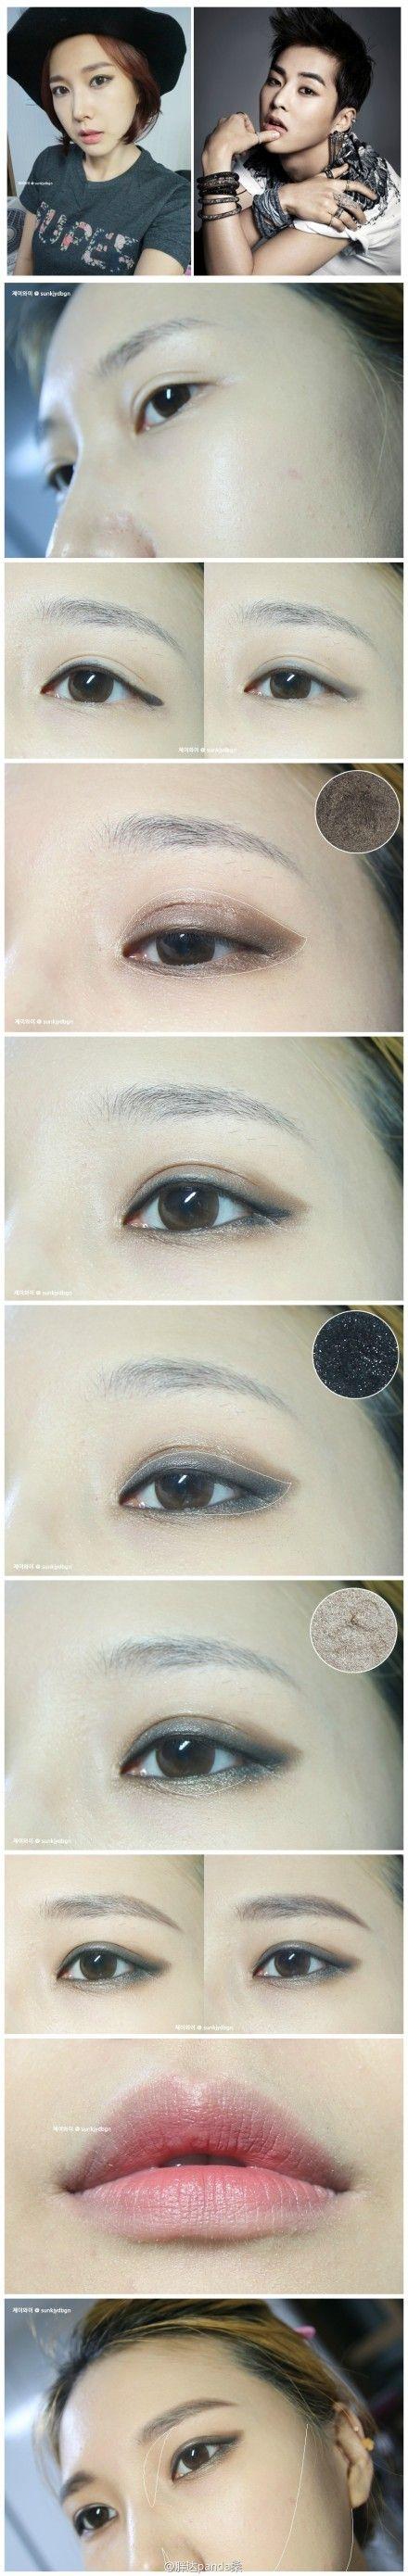 Korean make up www.AsianSkincare.Rocks